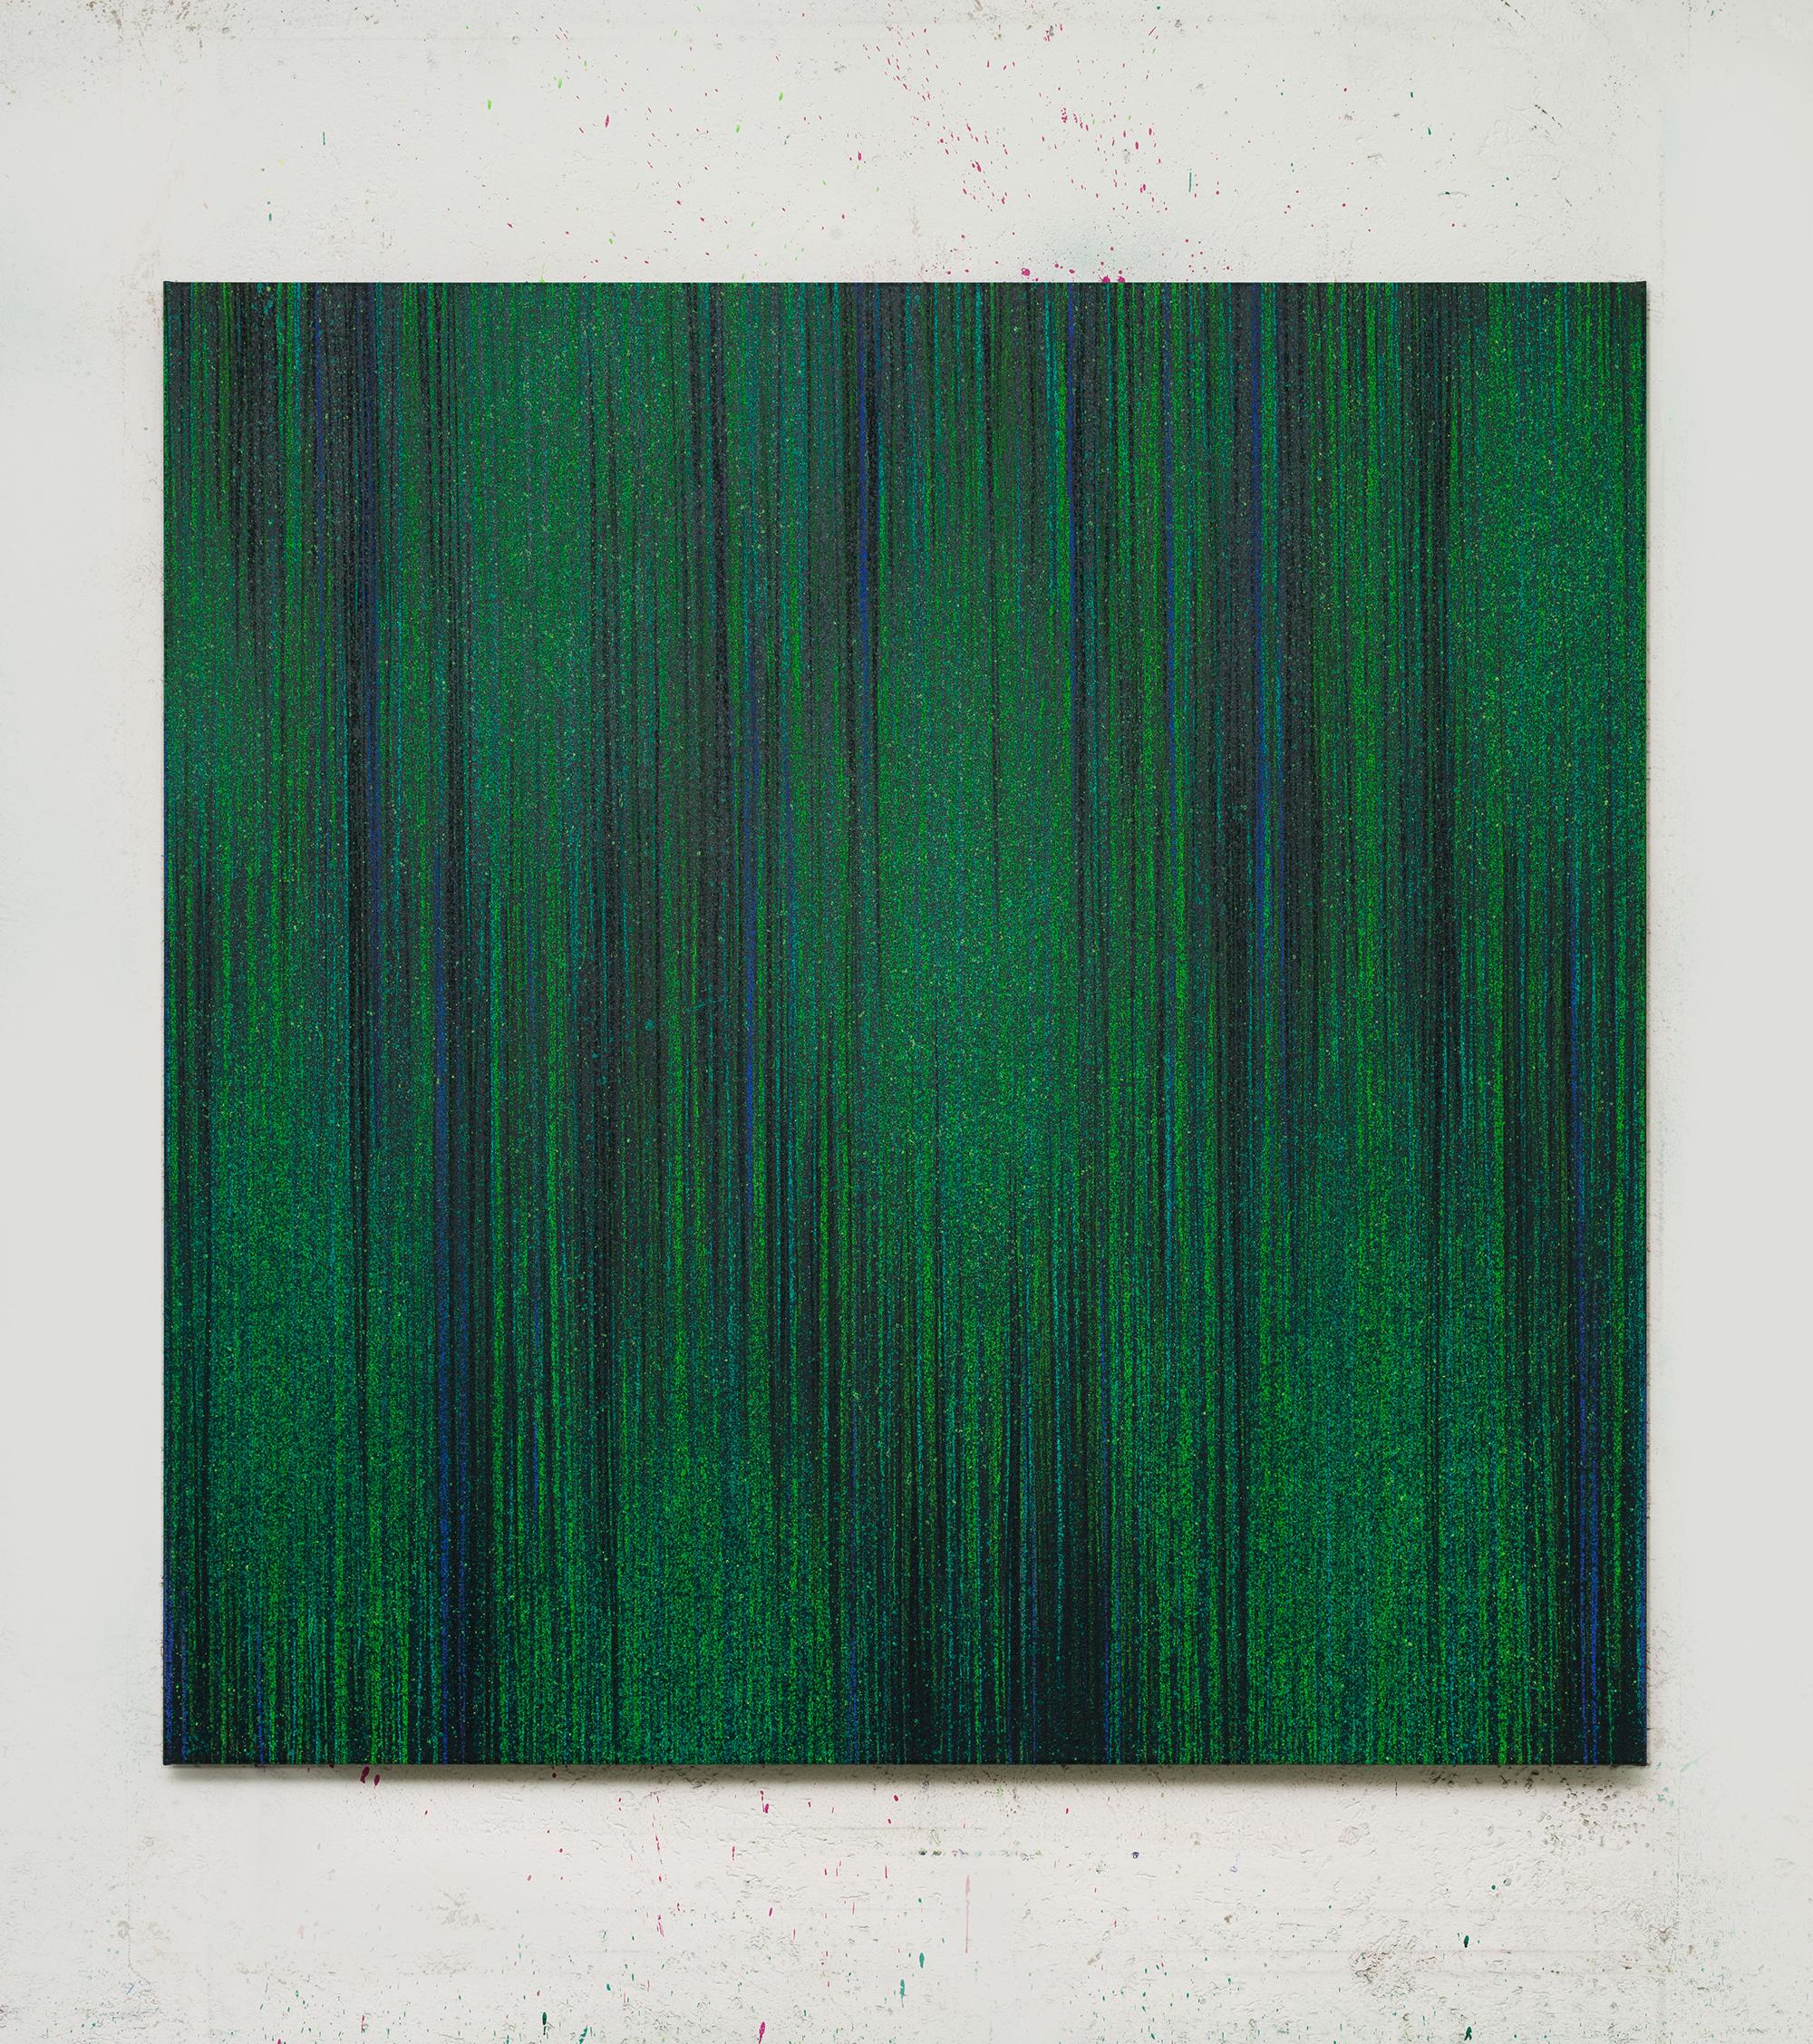 8. LM, Untitled, pastello e acrilico su tela, 135x135cm, 2017